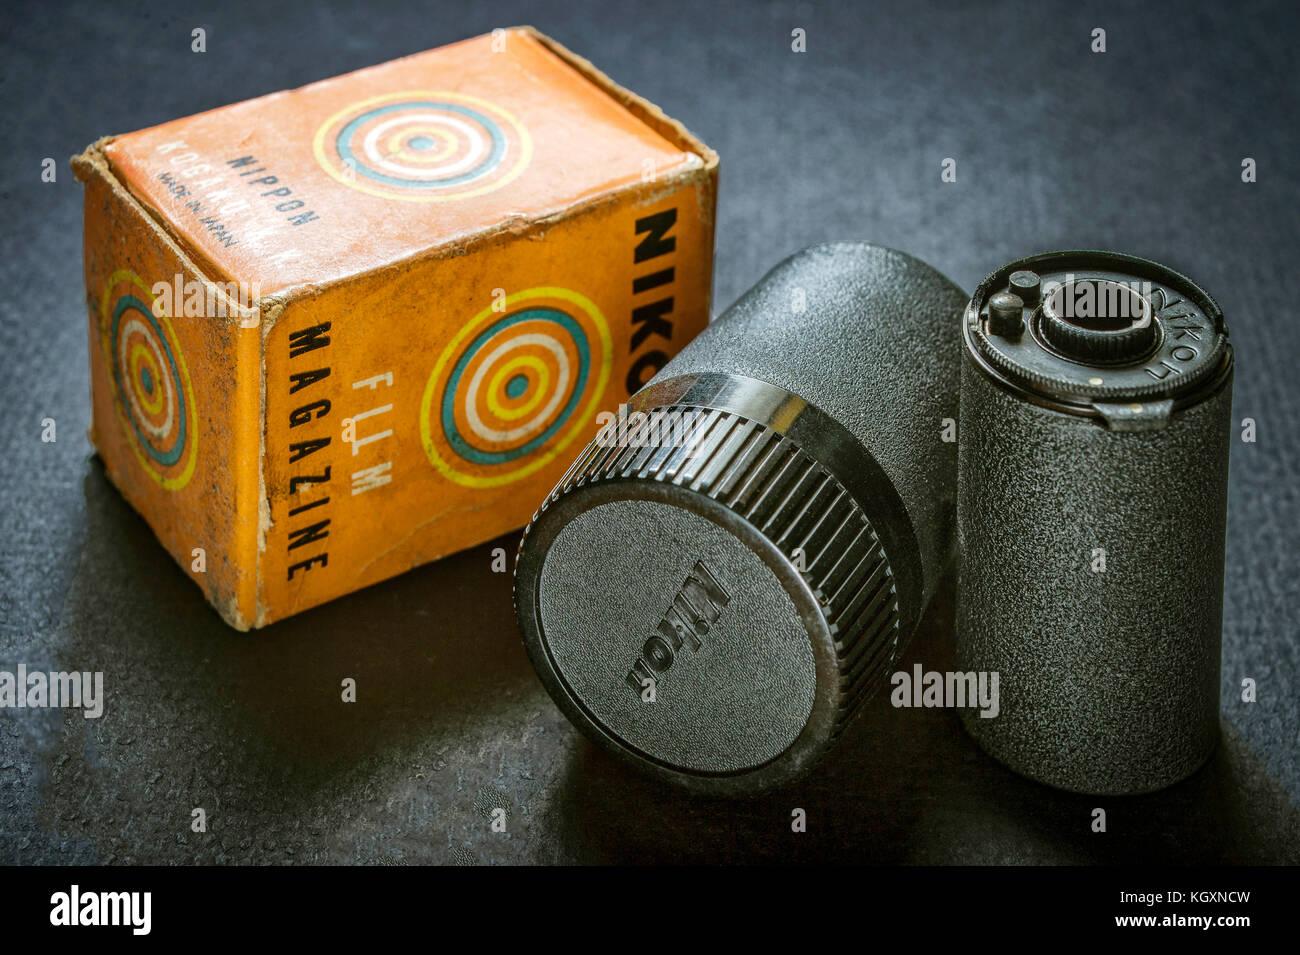 Vintage Nikon Rangefinder Reloadable Film Magazine - Stock Image